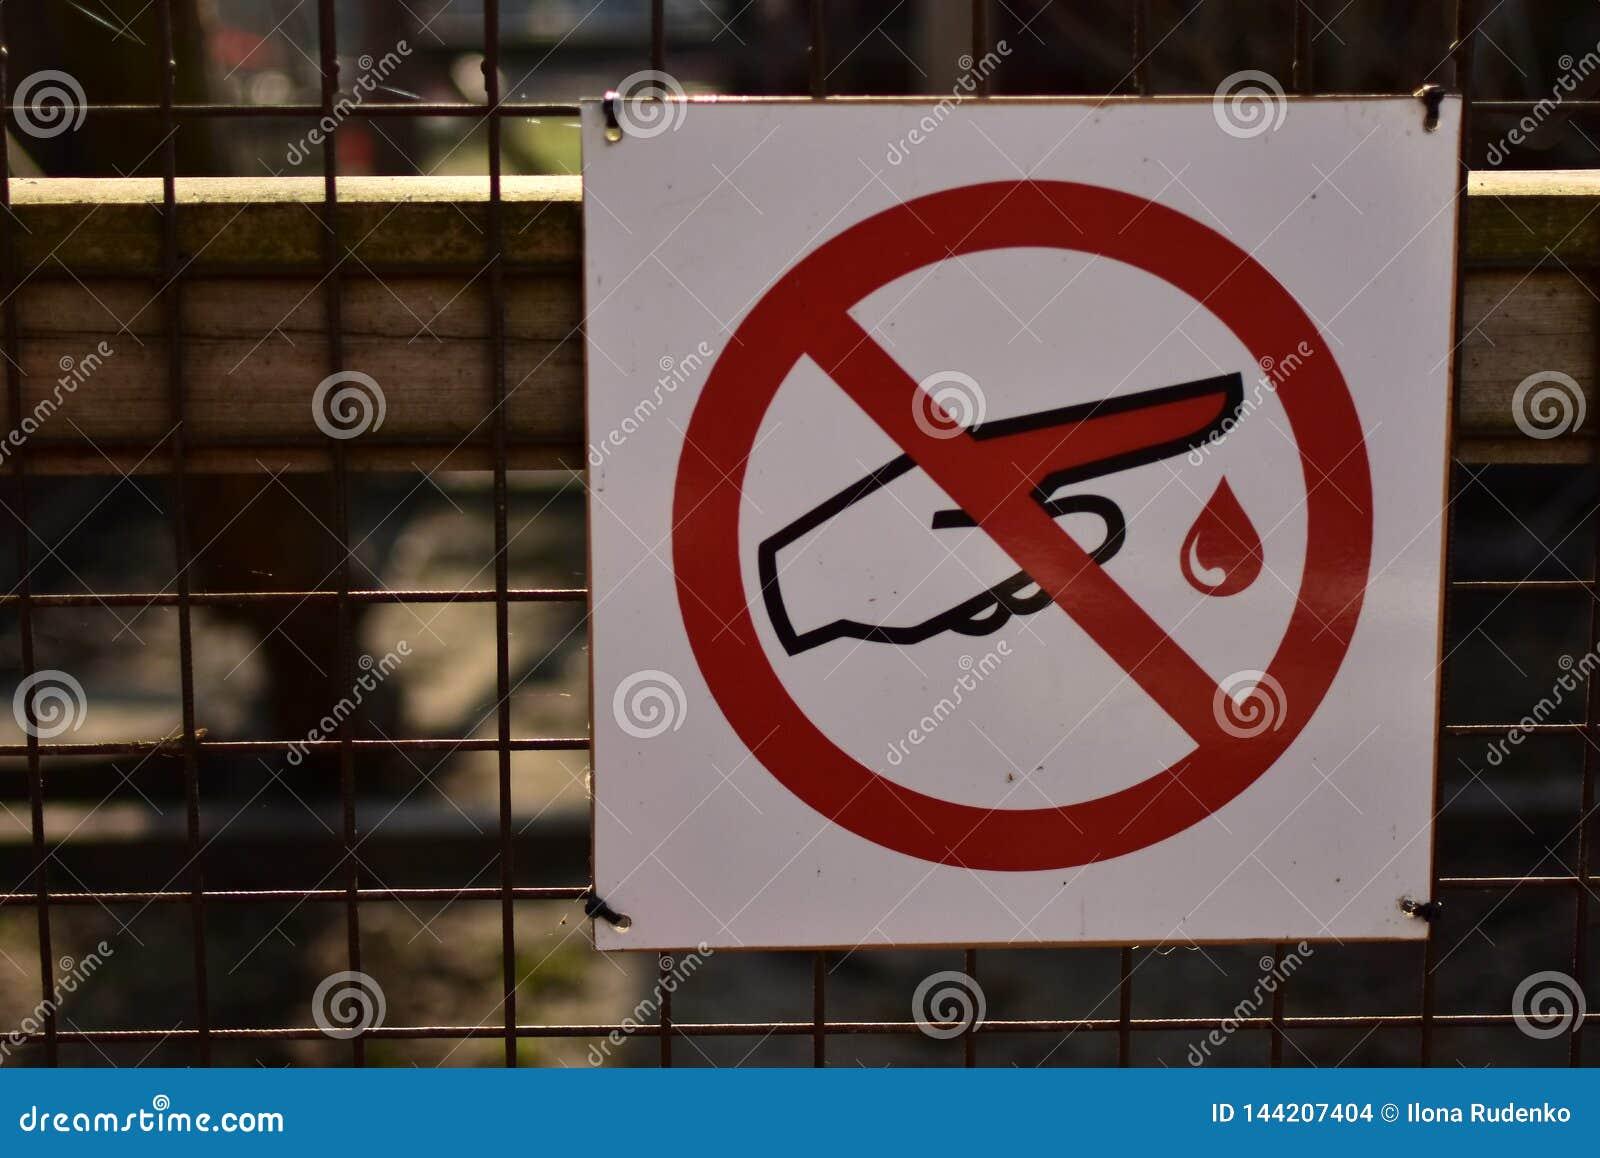 Ett tecken som hänger på ett metallraster som förbjuder för att trycka på det tack vare möjlig fara